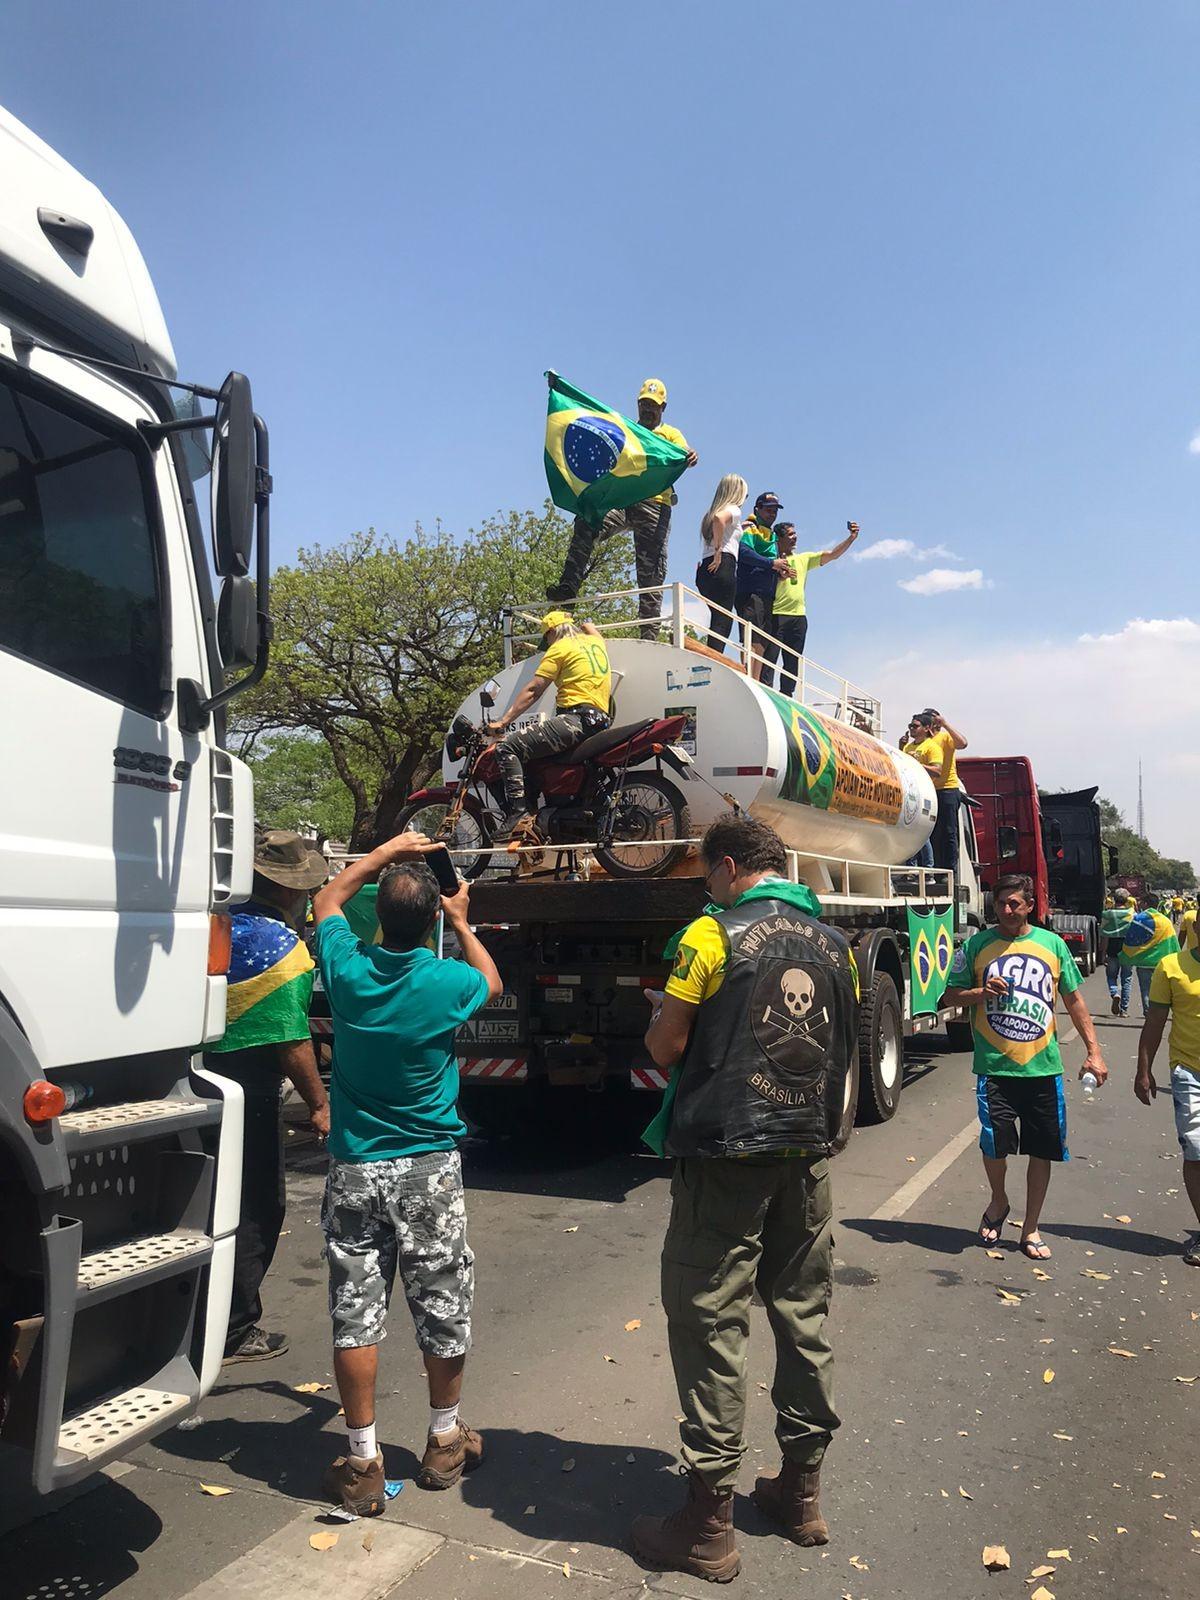 Caminhões no 7 de setembro em Brasília